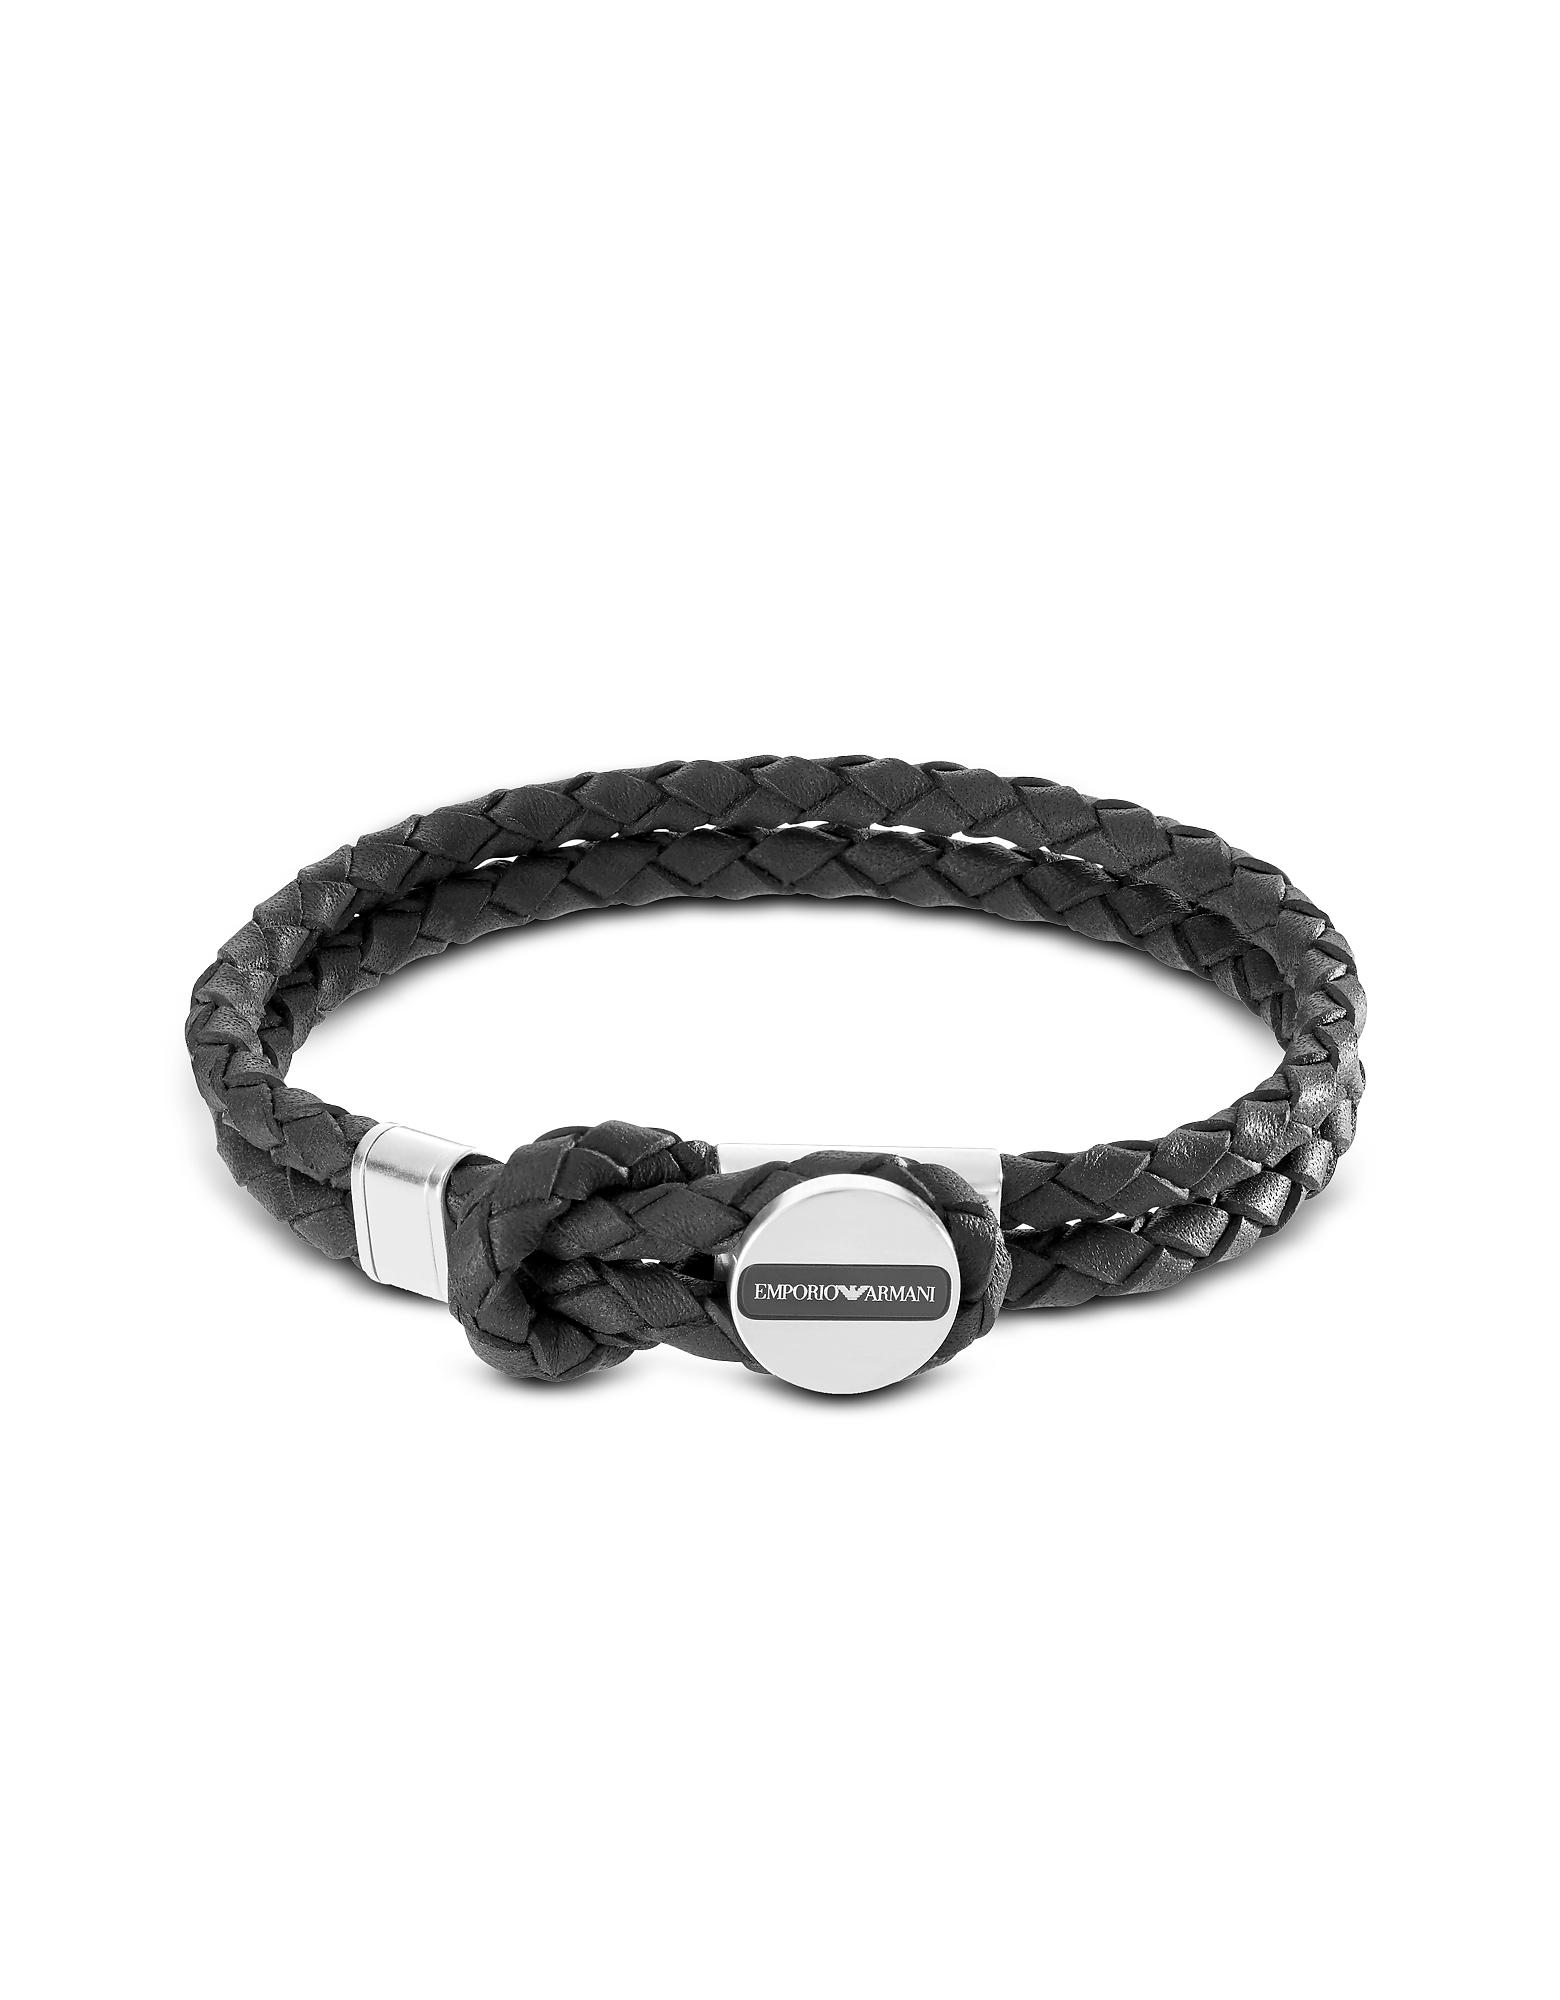 Emporio Armani Men's Bracelets, Signature Medallion and Leather Men's Bracelet